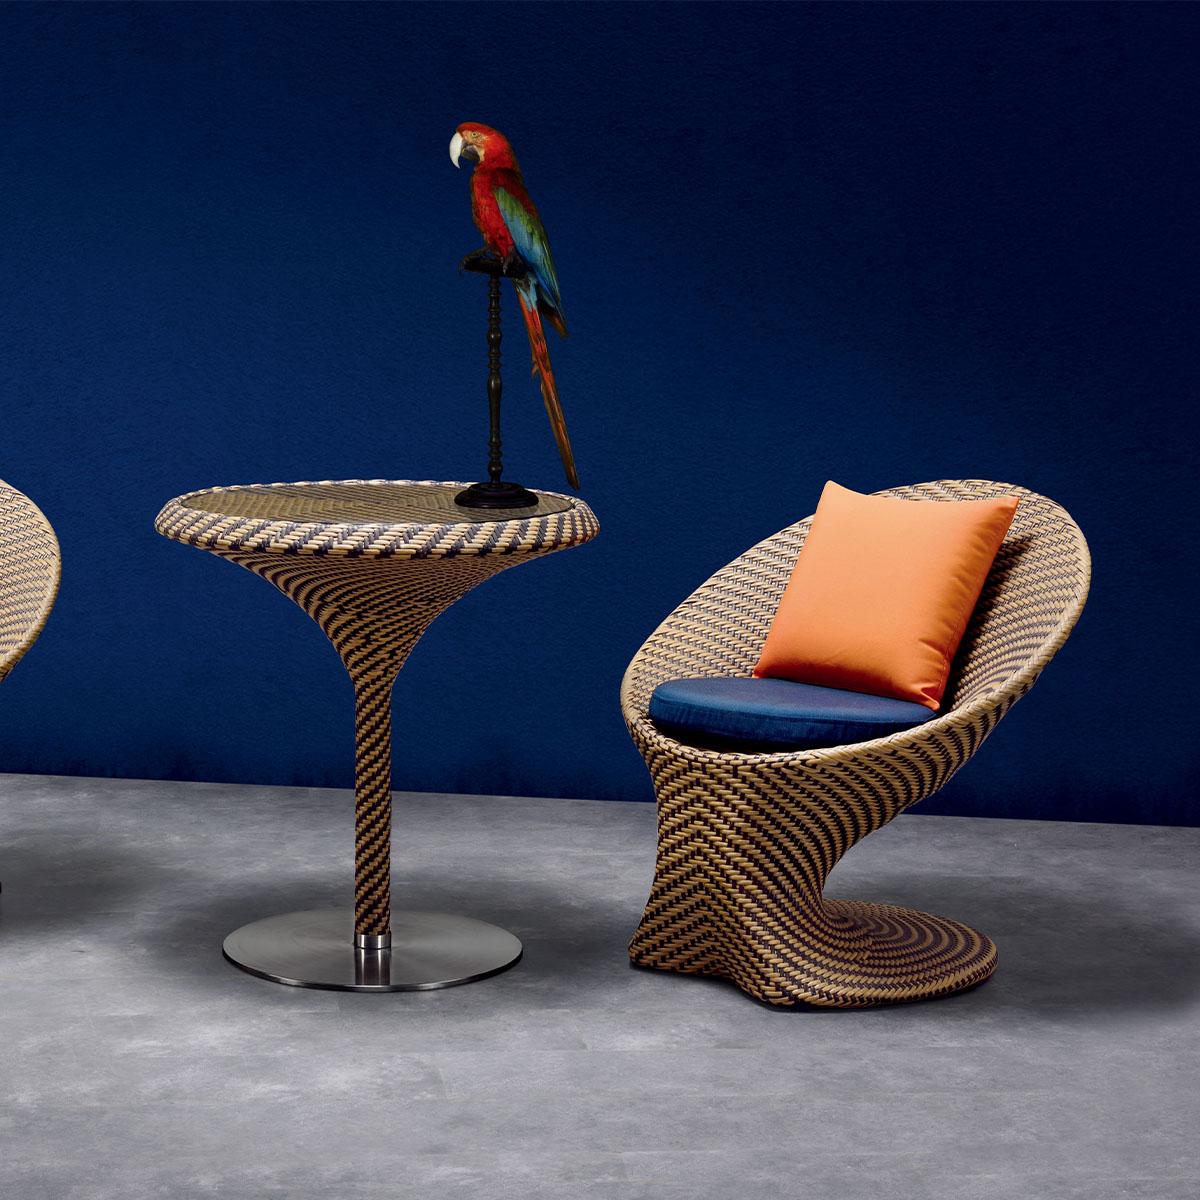 Высококачественный современный алюминиевый ротанговый стул Mr.Dream для отдыха, ресторанов, патио, бистро, сада